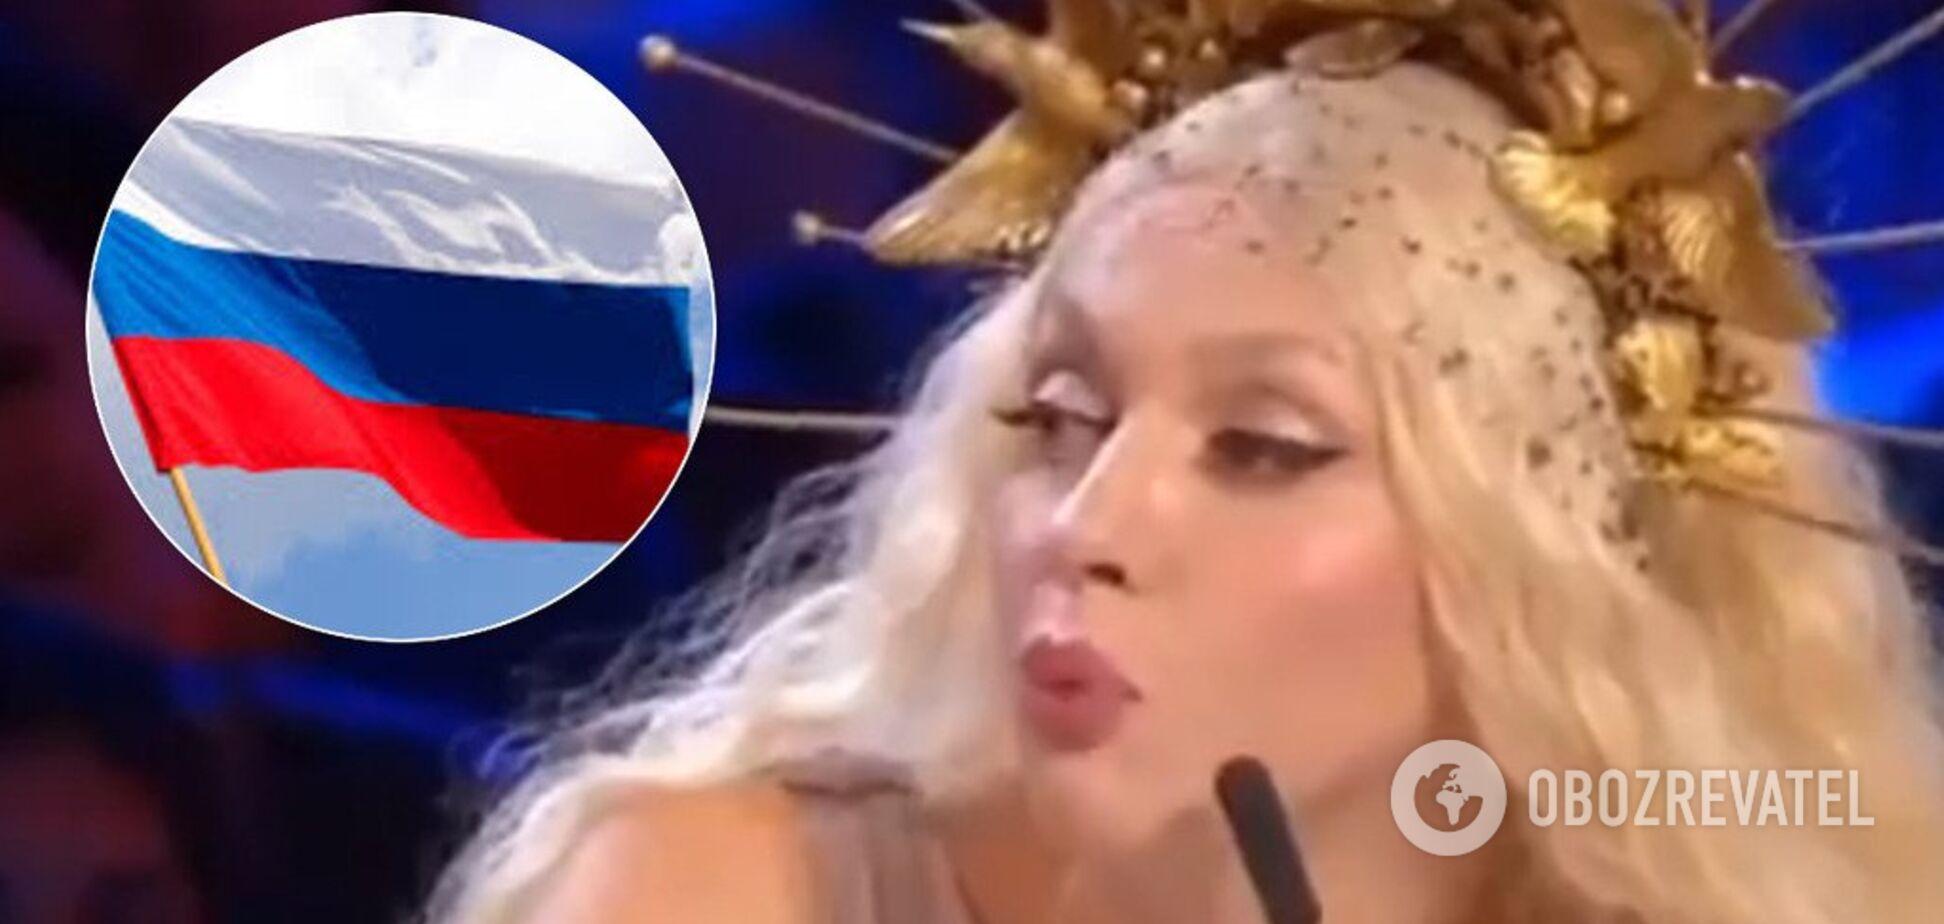 'Ба*дерівці кінчені': Полякова розповіла про огидні приниження в Росії